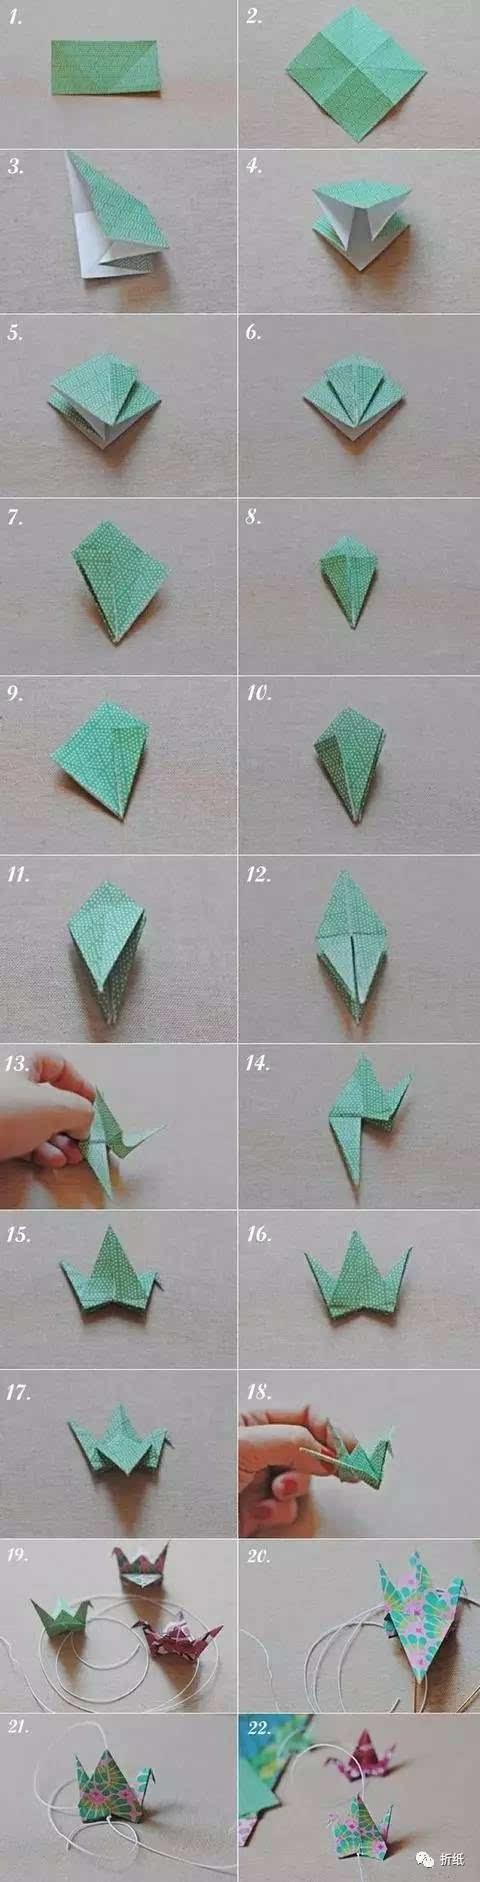 亲子手工之经典折纸,飞机星星和千纸鹤超详细教程